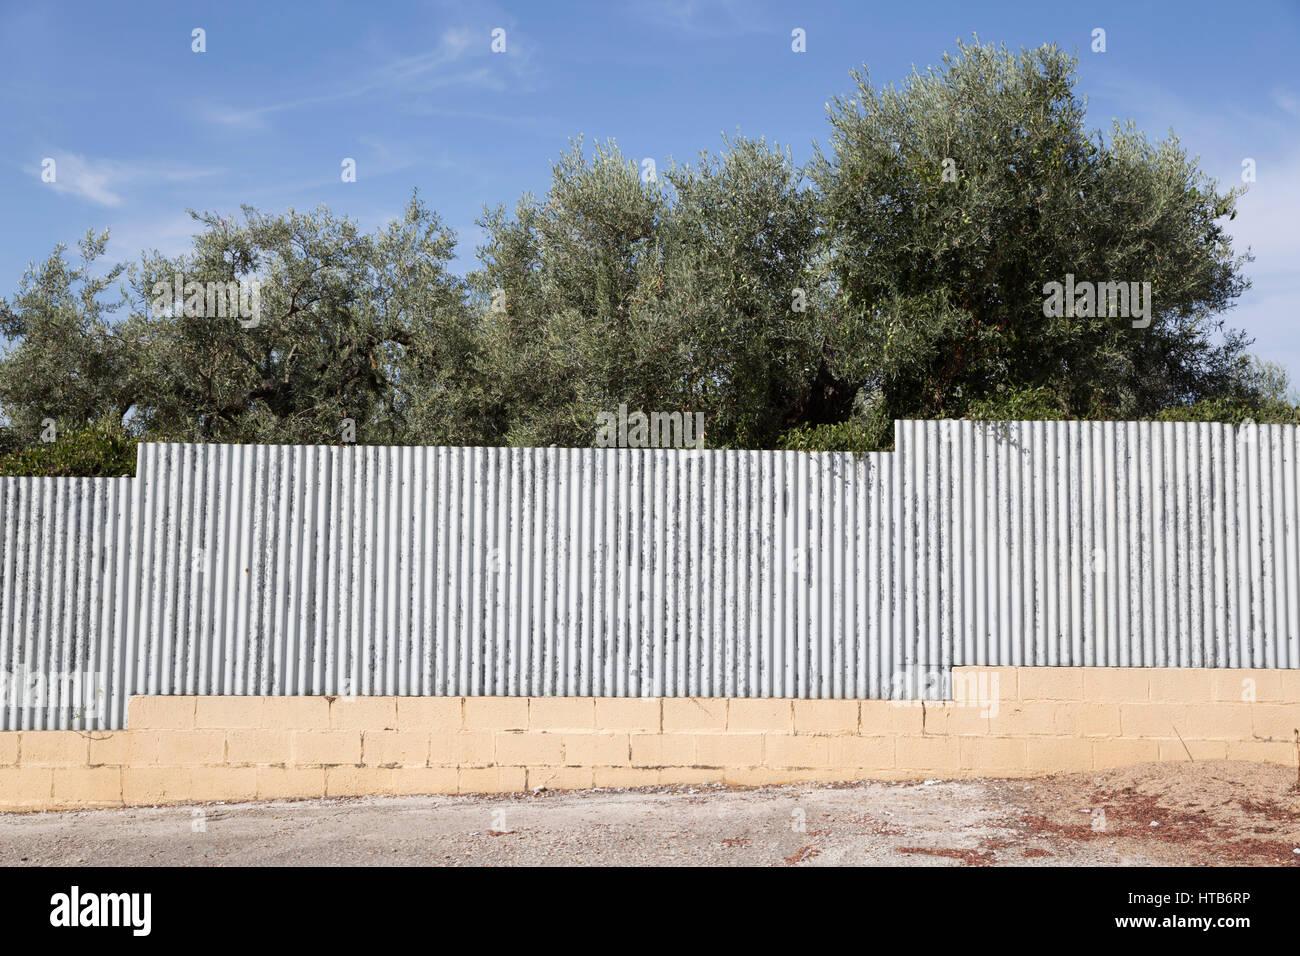 corrugated iron fence and olive trees - Stock Image